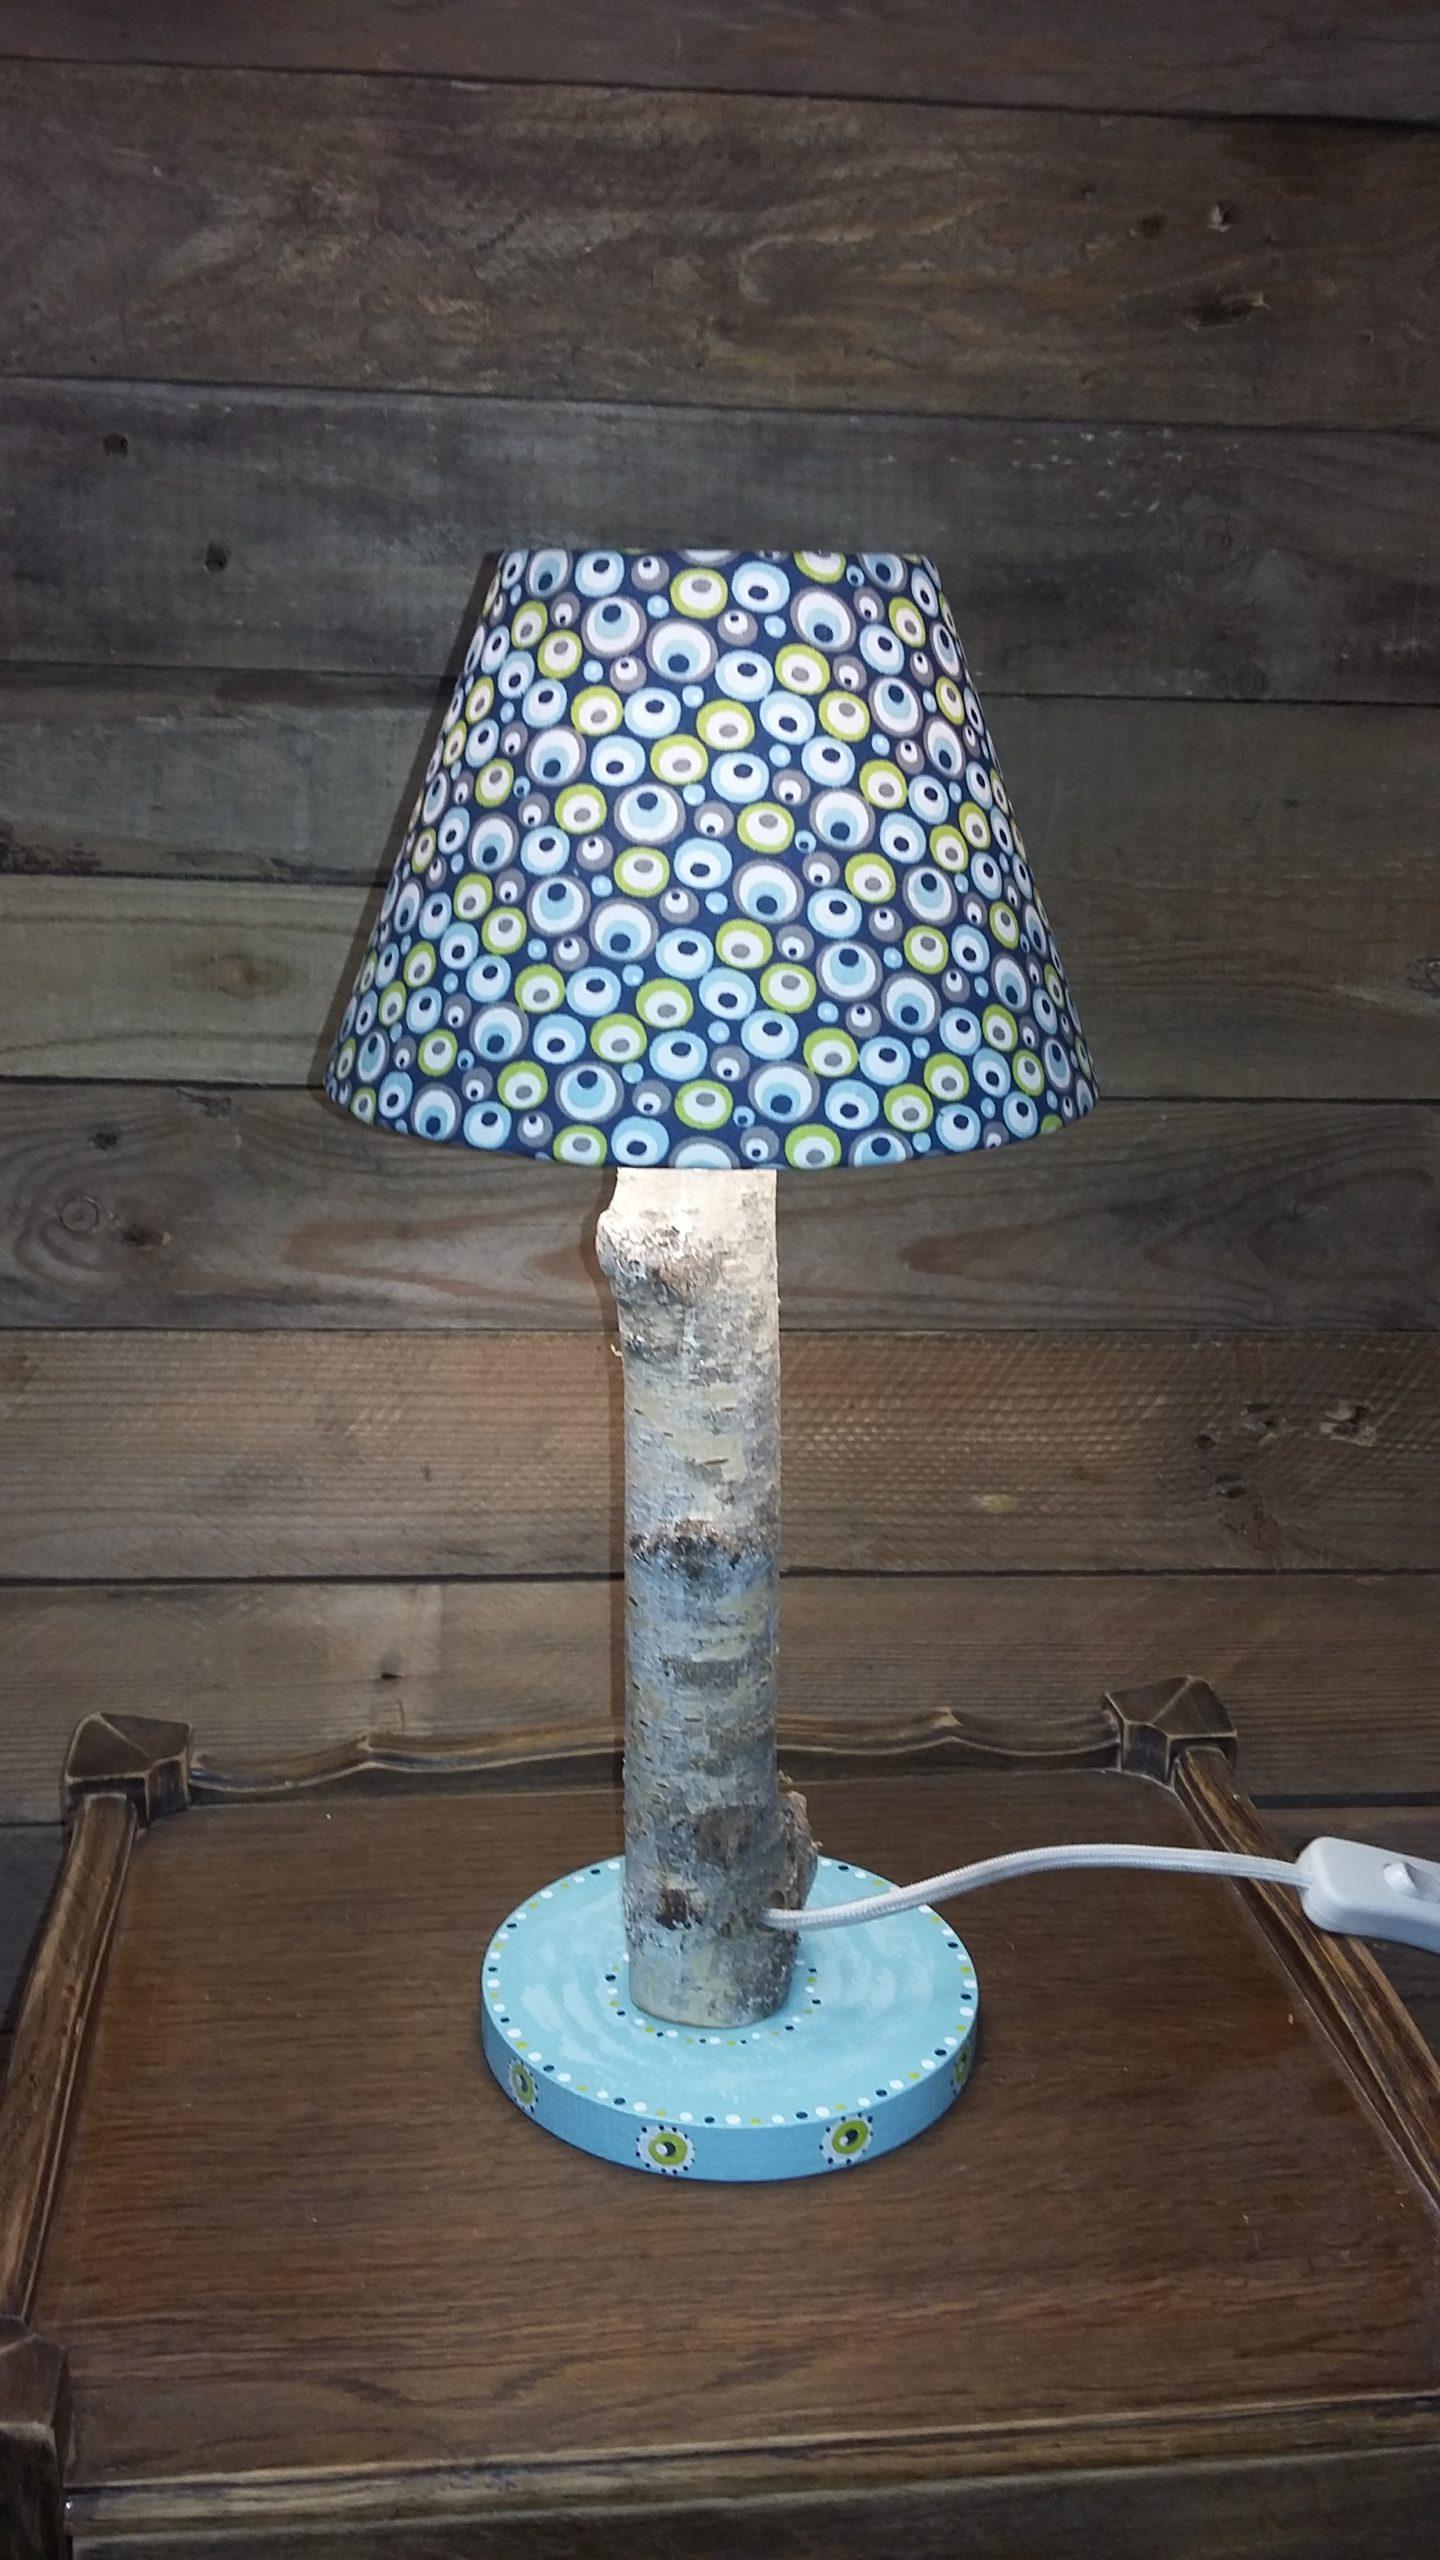 Création lampe upcycling pied bois abat-jour ronds verts et bleus